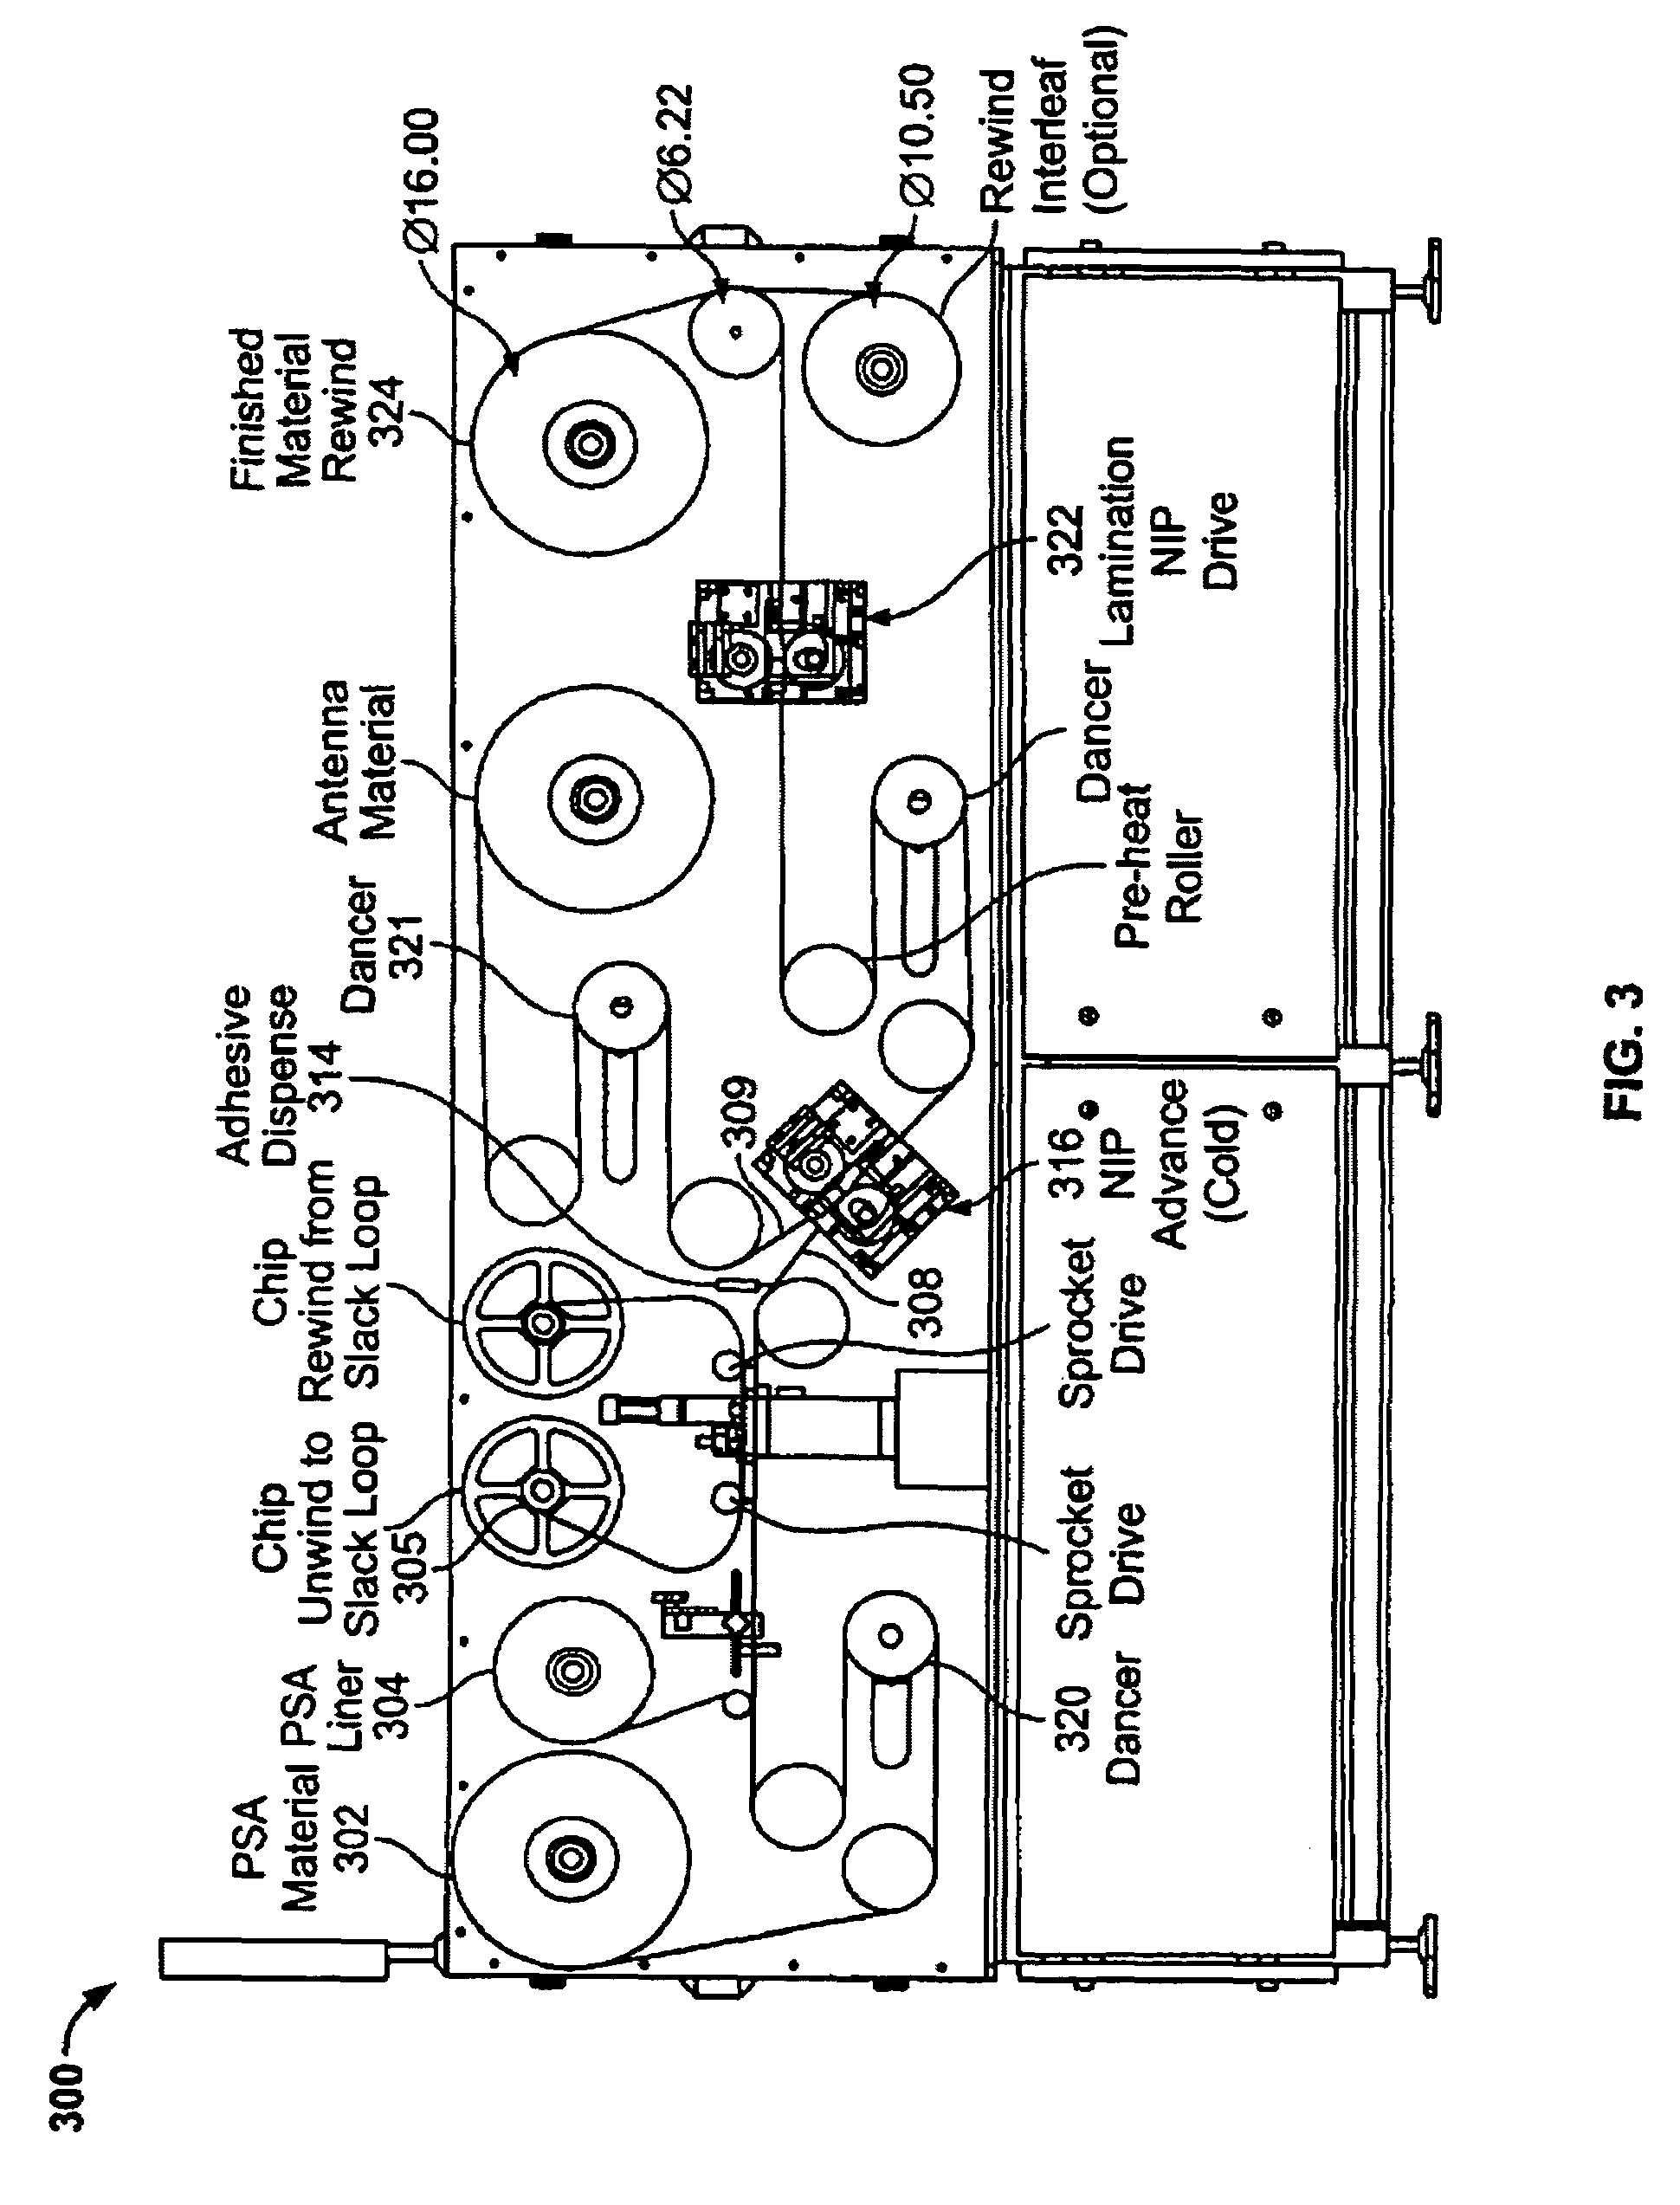 patent us7674649